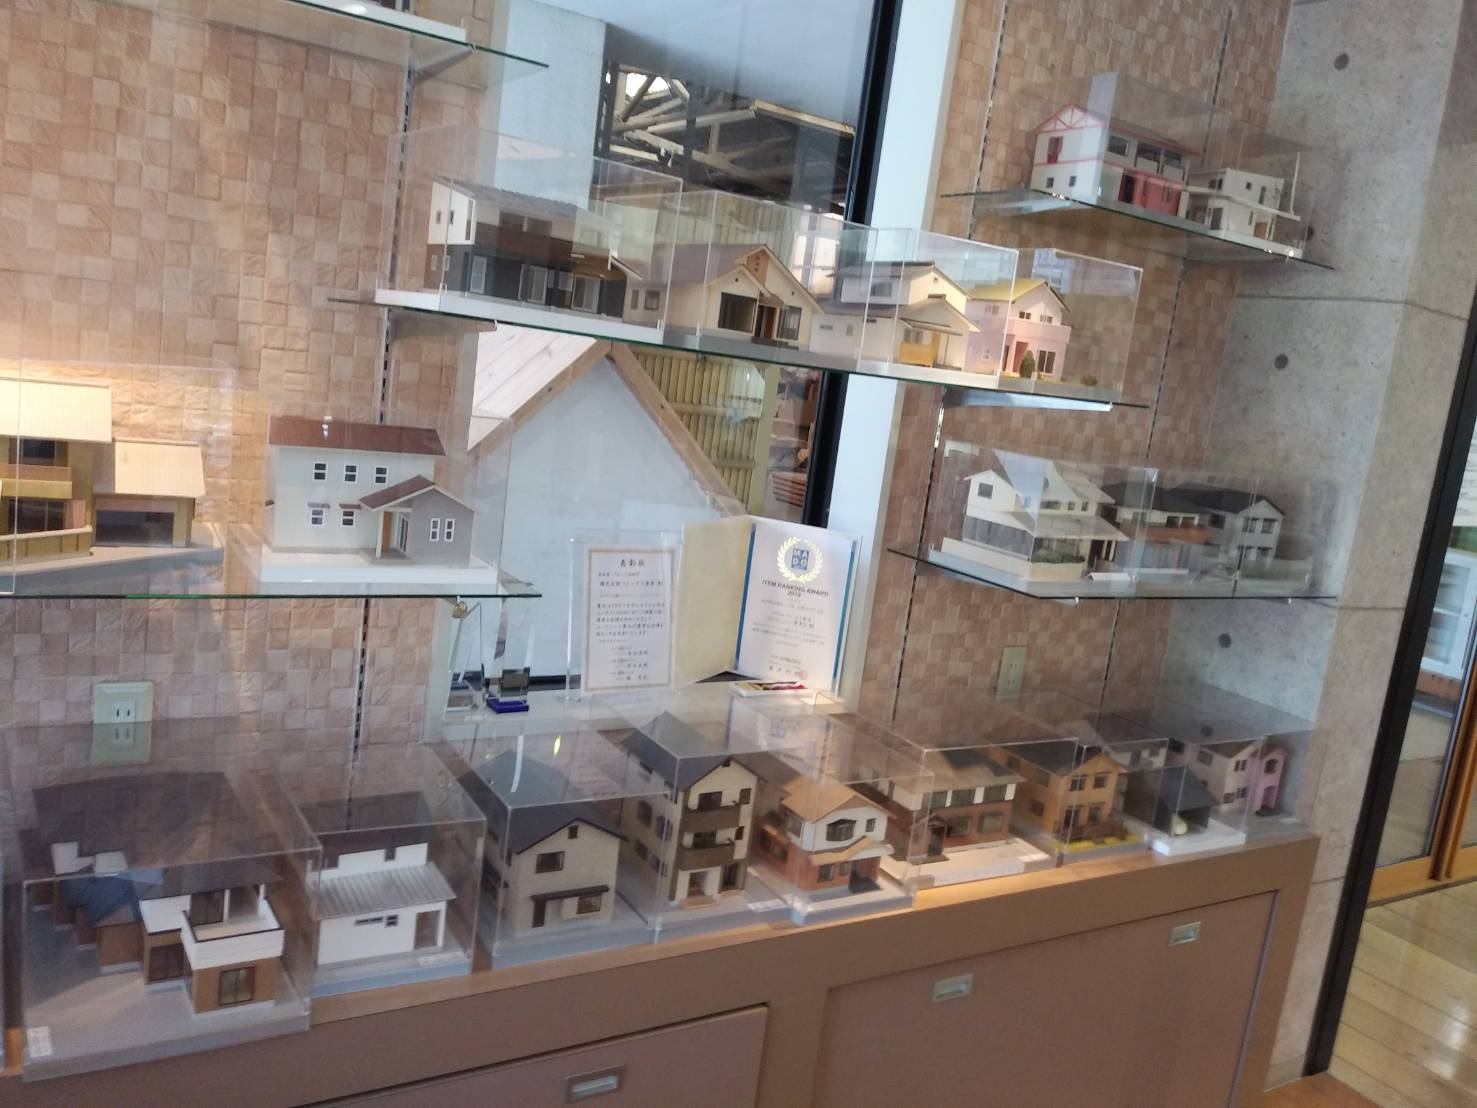 模型展示 唐津市ショールーム